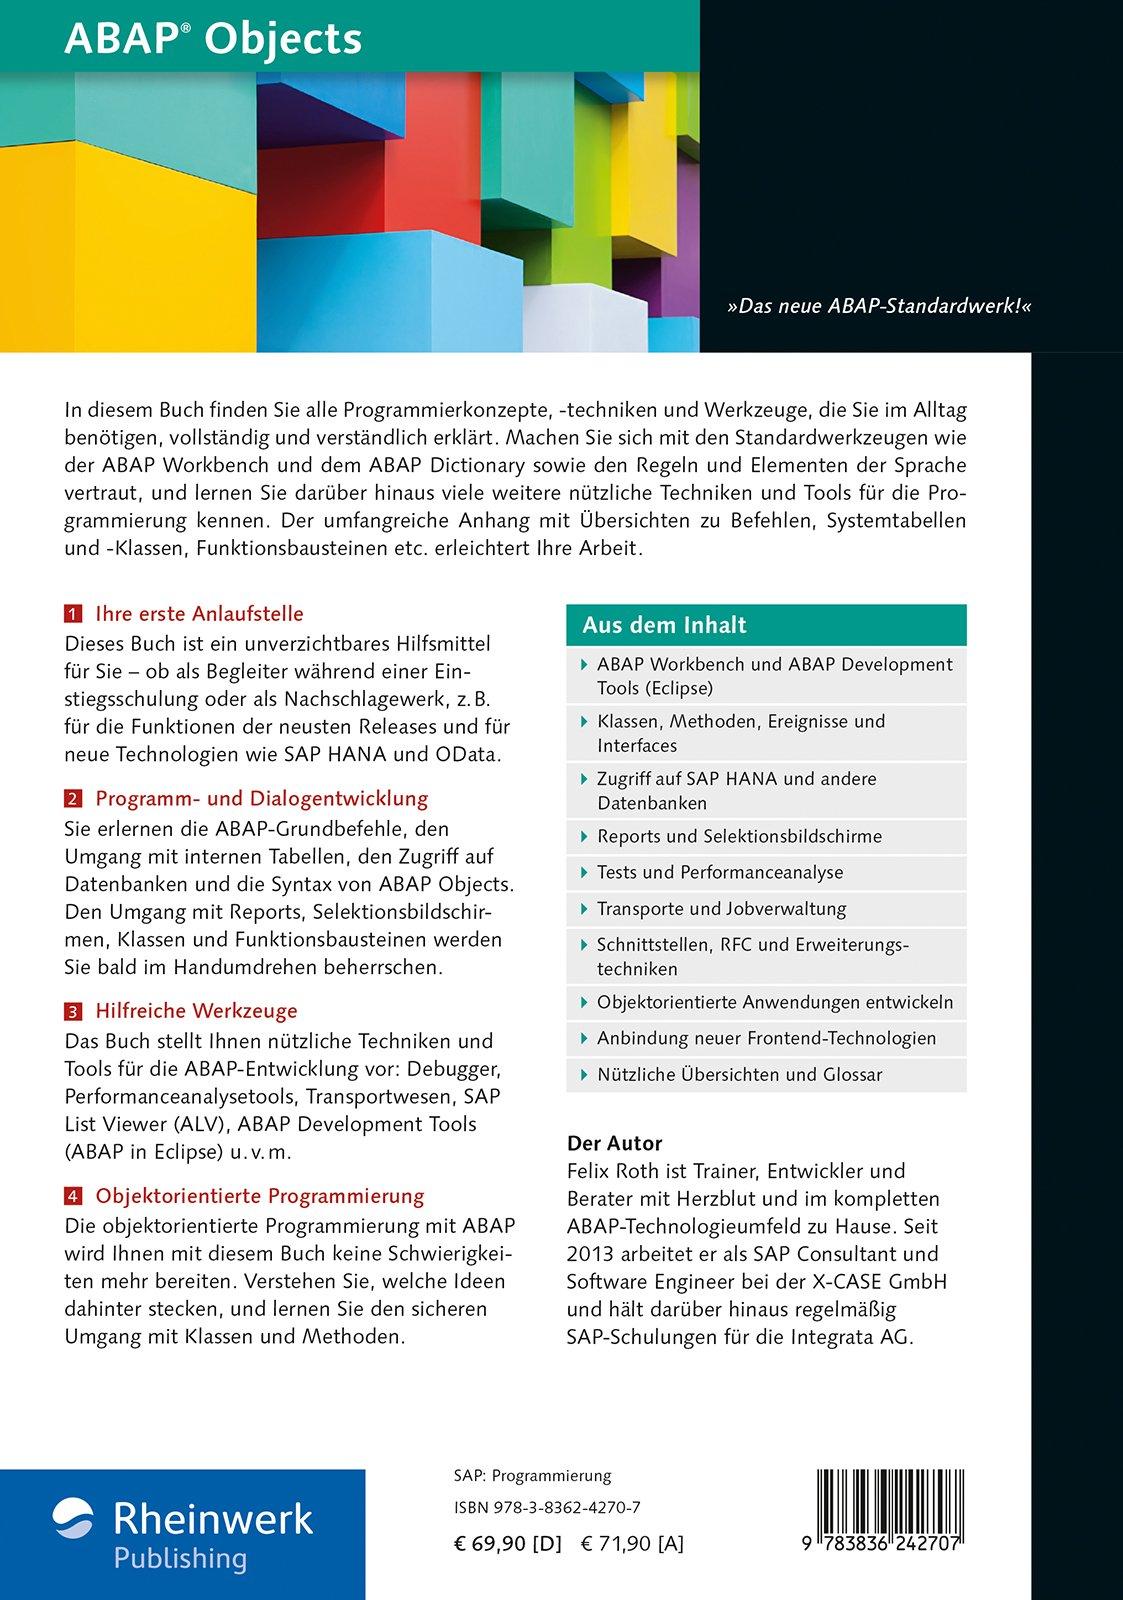 ABAP Objects: Das neue umfassende Handbuch zu Konzepten ...